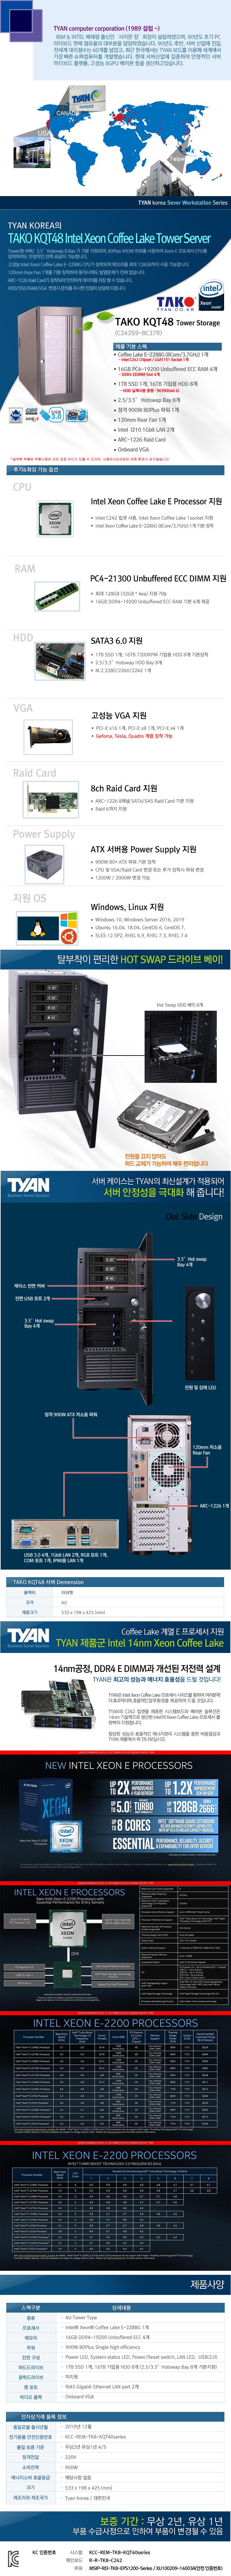 TYAN TAKO-KQT48-(C242S9-8C37R) (64GB, SSD 1TB + 96TB)